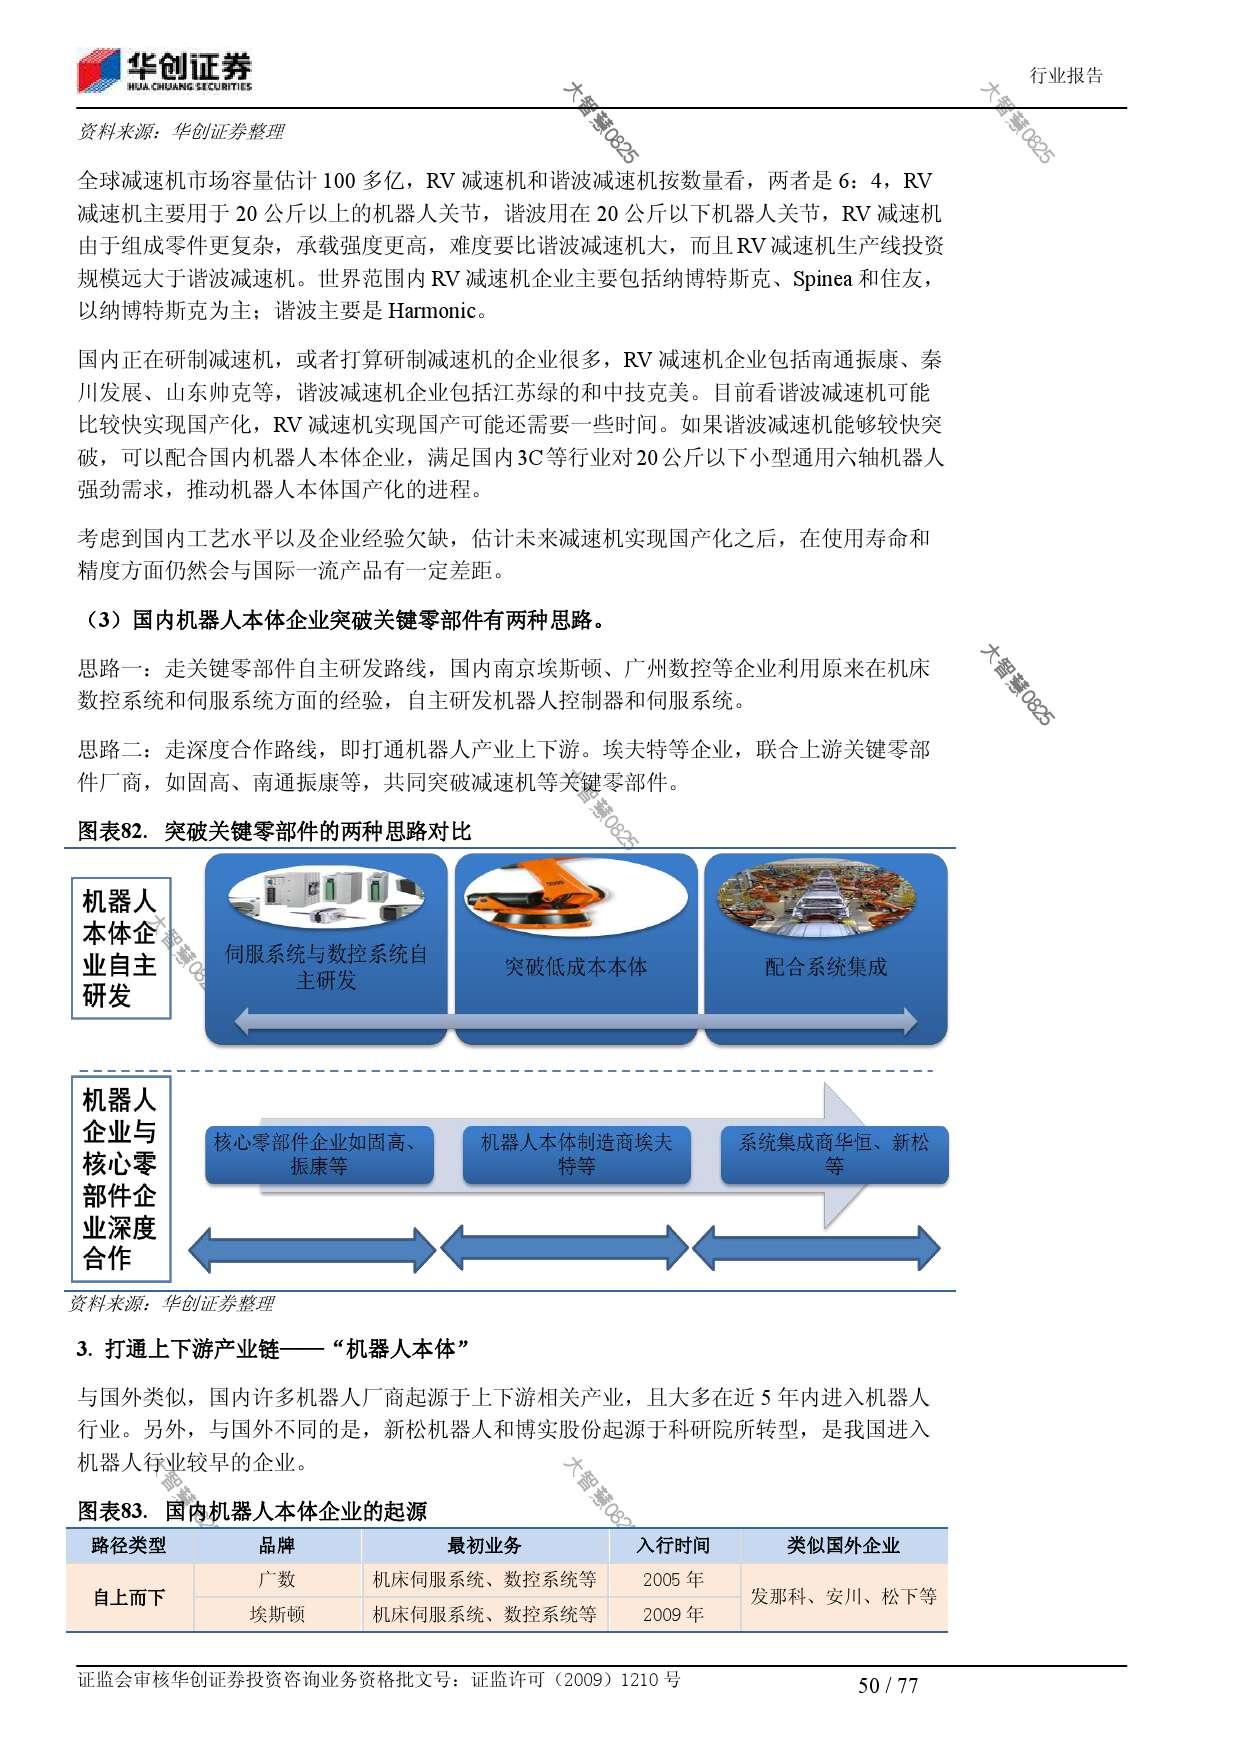 行业研究_华创证券_刘国清,鲁佩_机械设备:机器人大趋势_2014021_000050